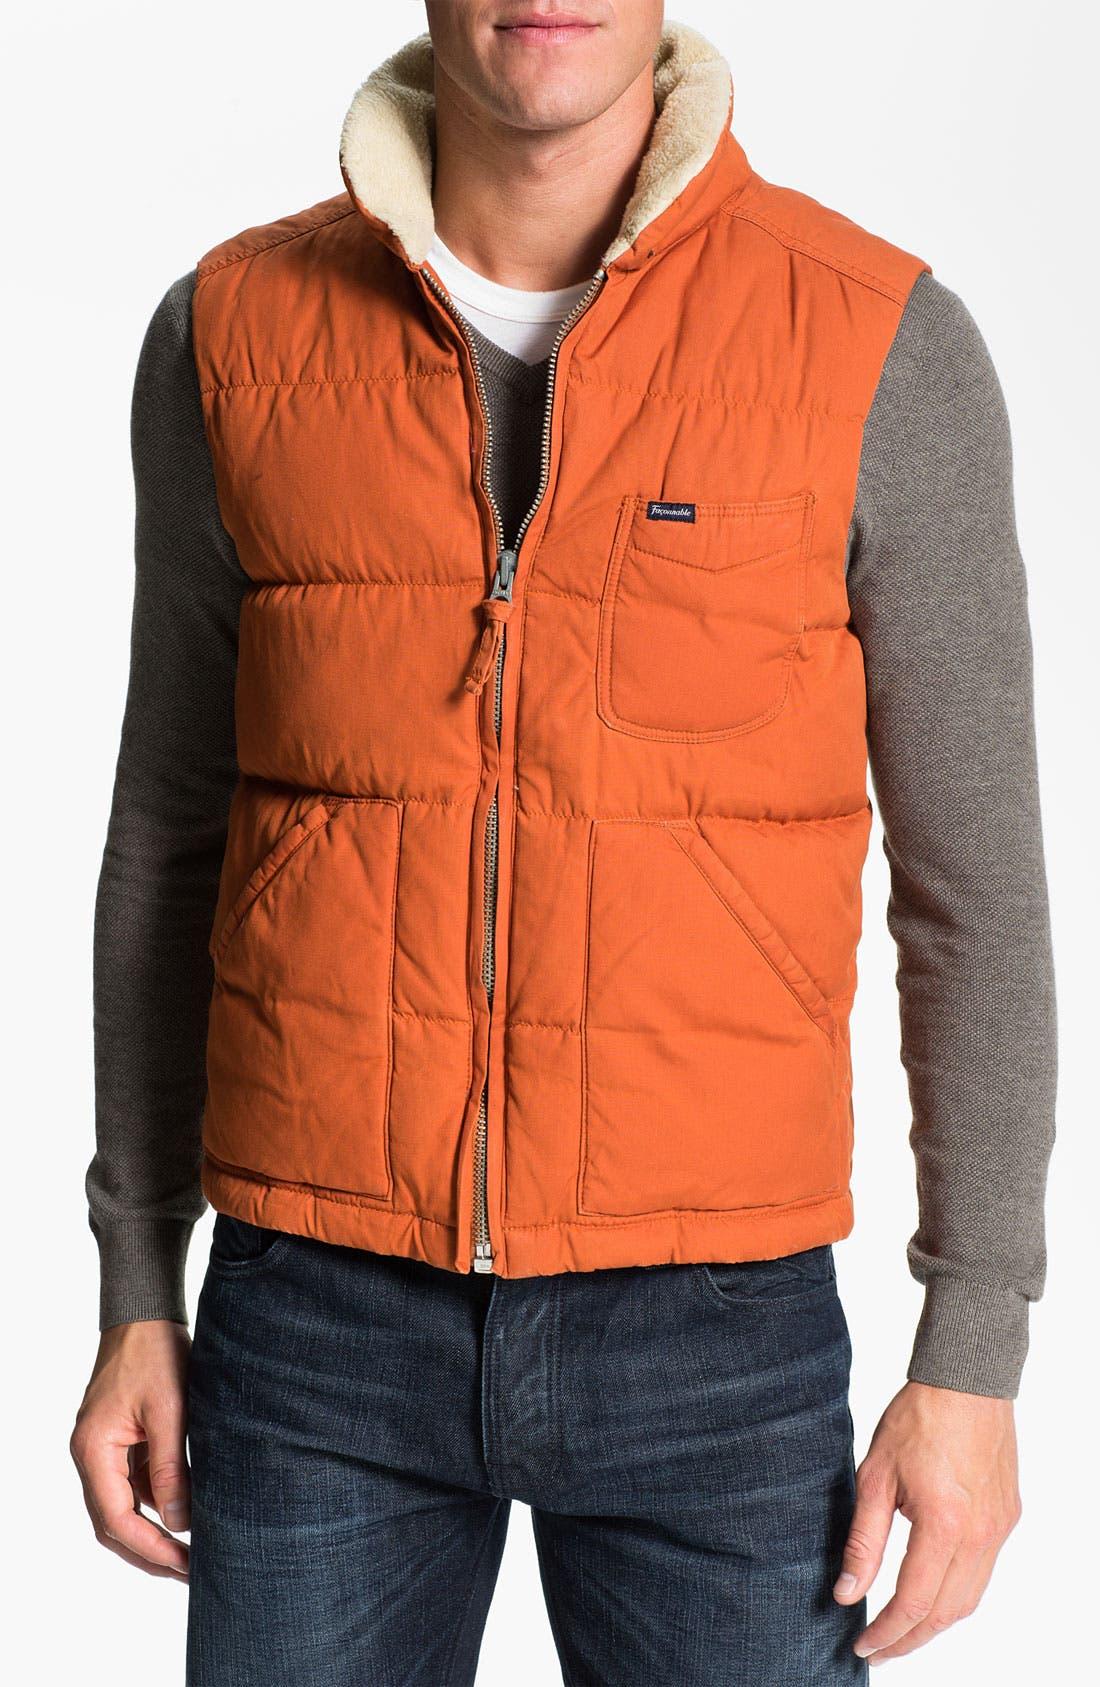 Main Image - Façonnable 'Cire' Club Fit Down & Feather Vest with Faux Fur Trim